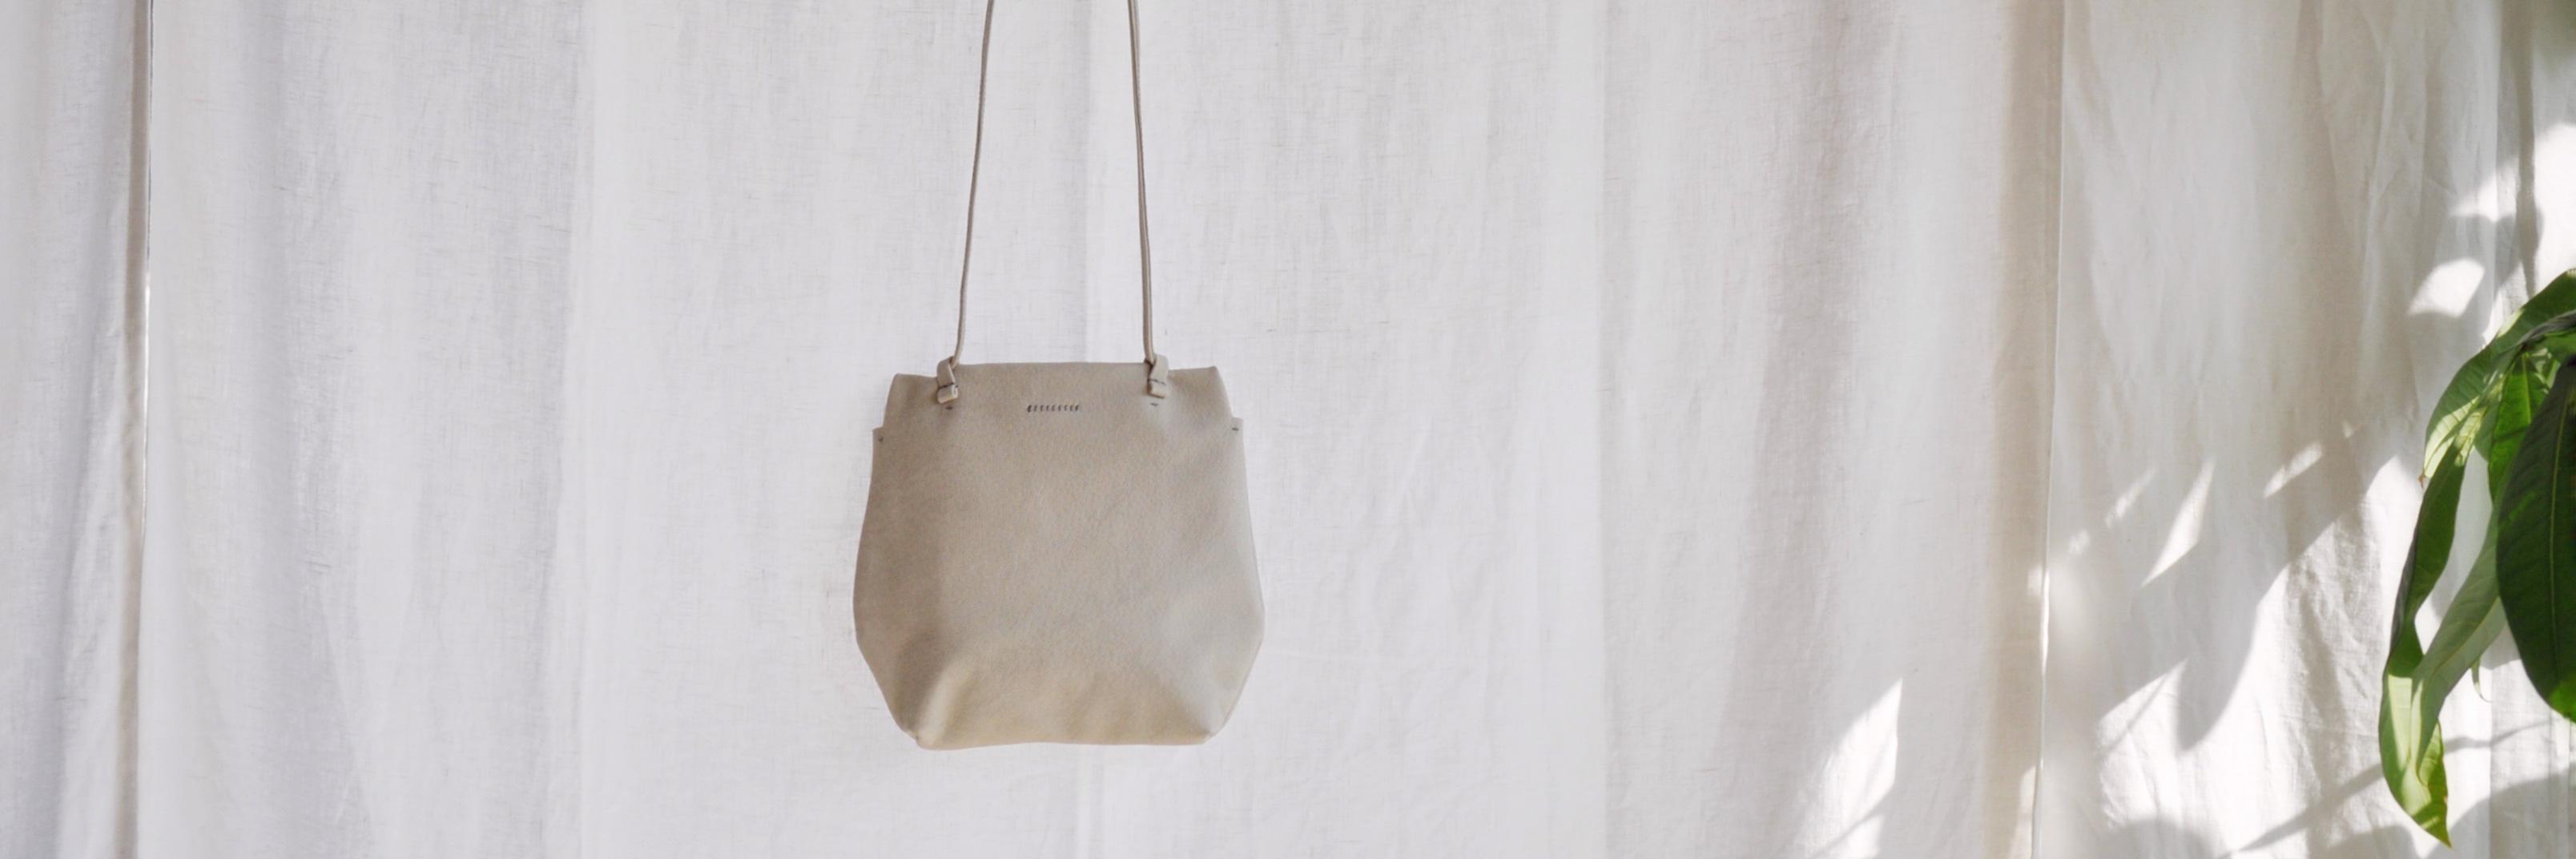 白いバッグ、六角形のバッグ